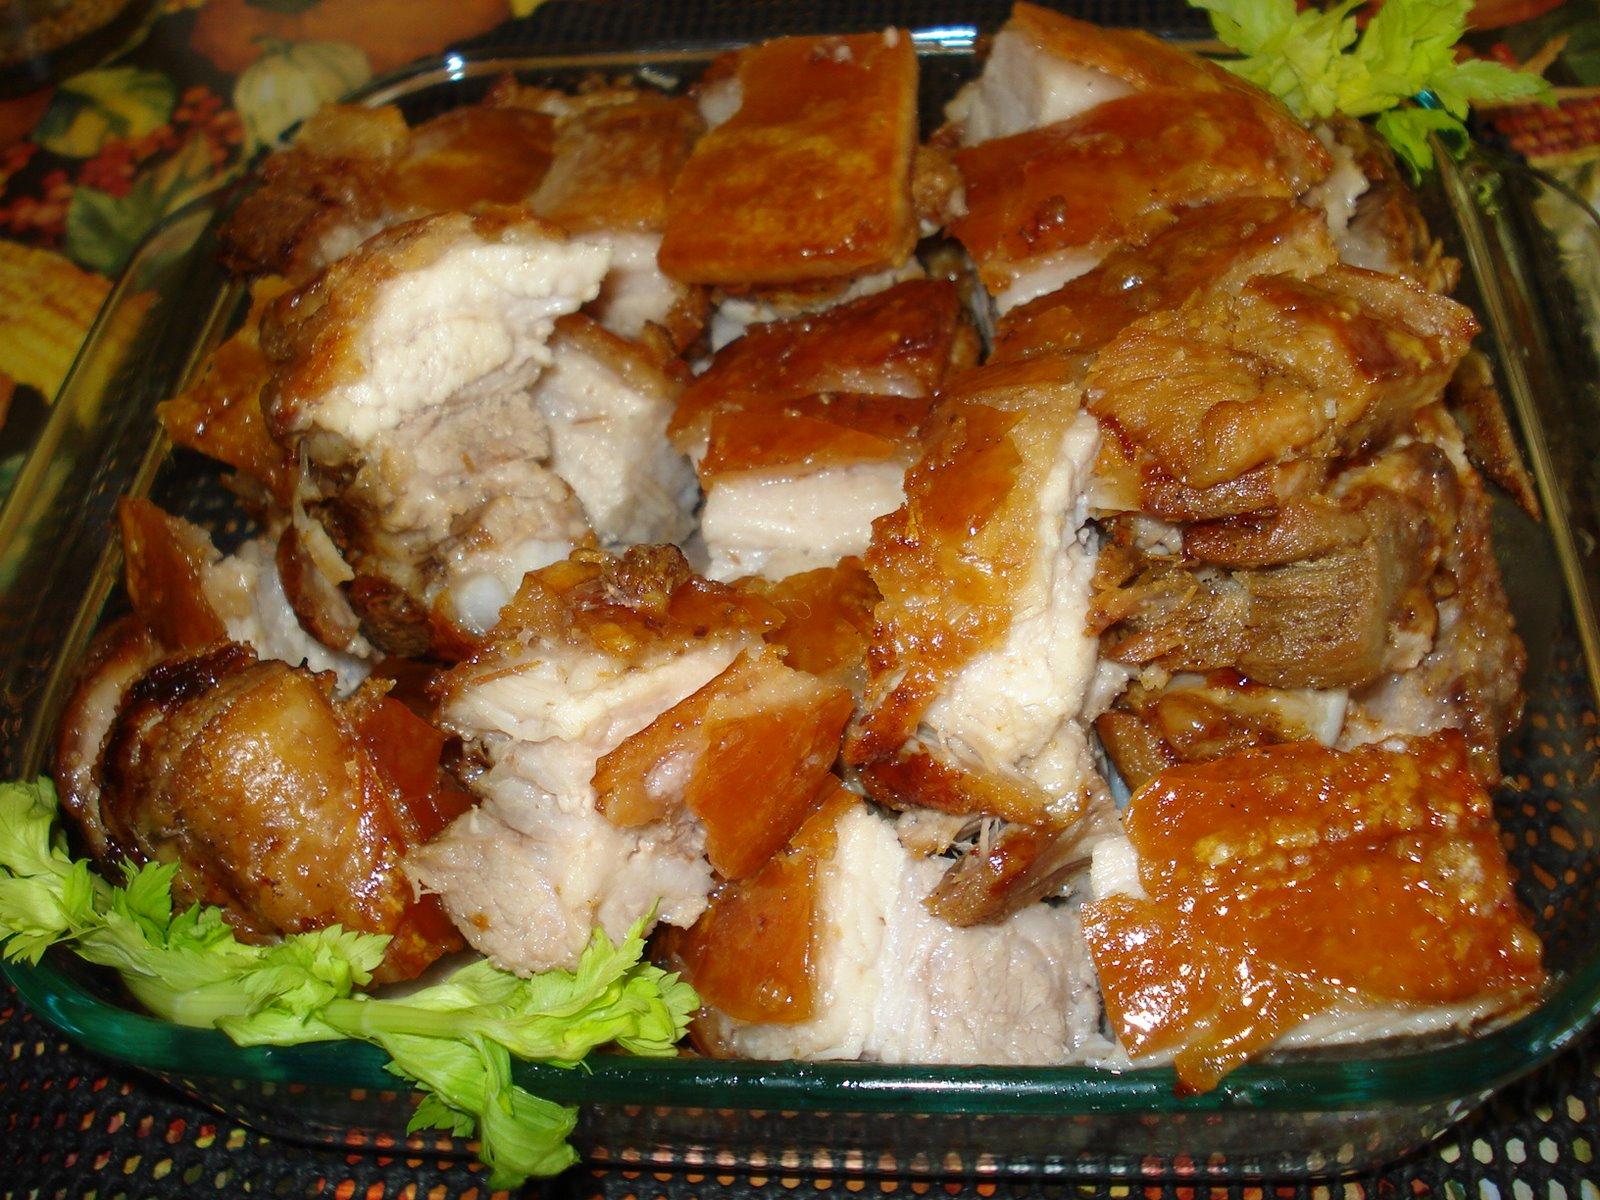 Restaurant La Salsa Qu Ef Bf Bdbec Menu